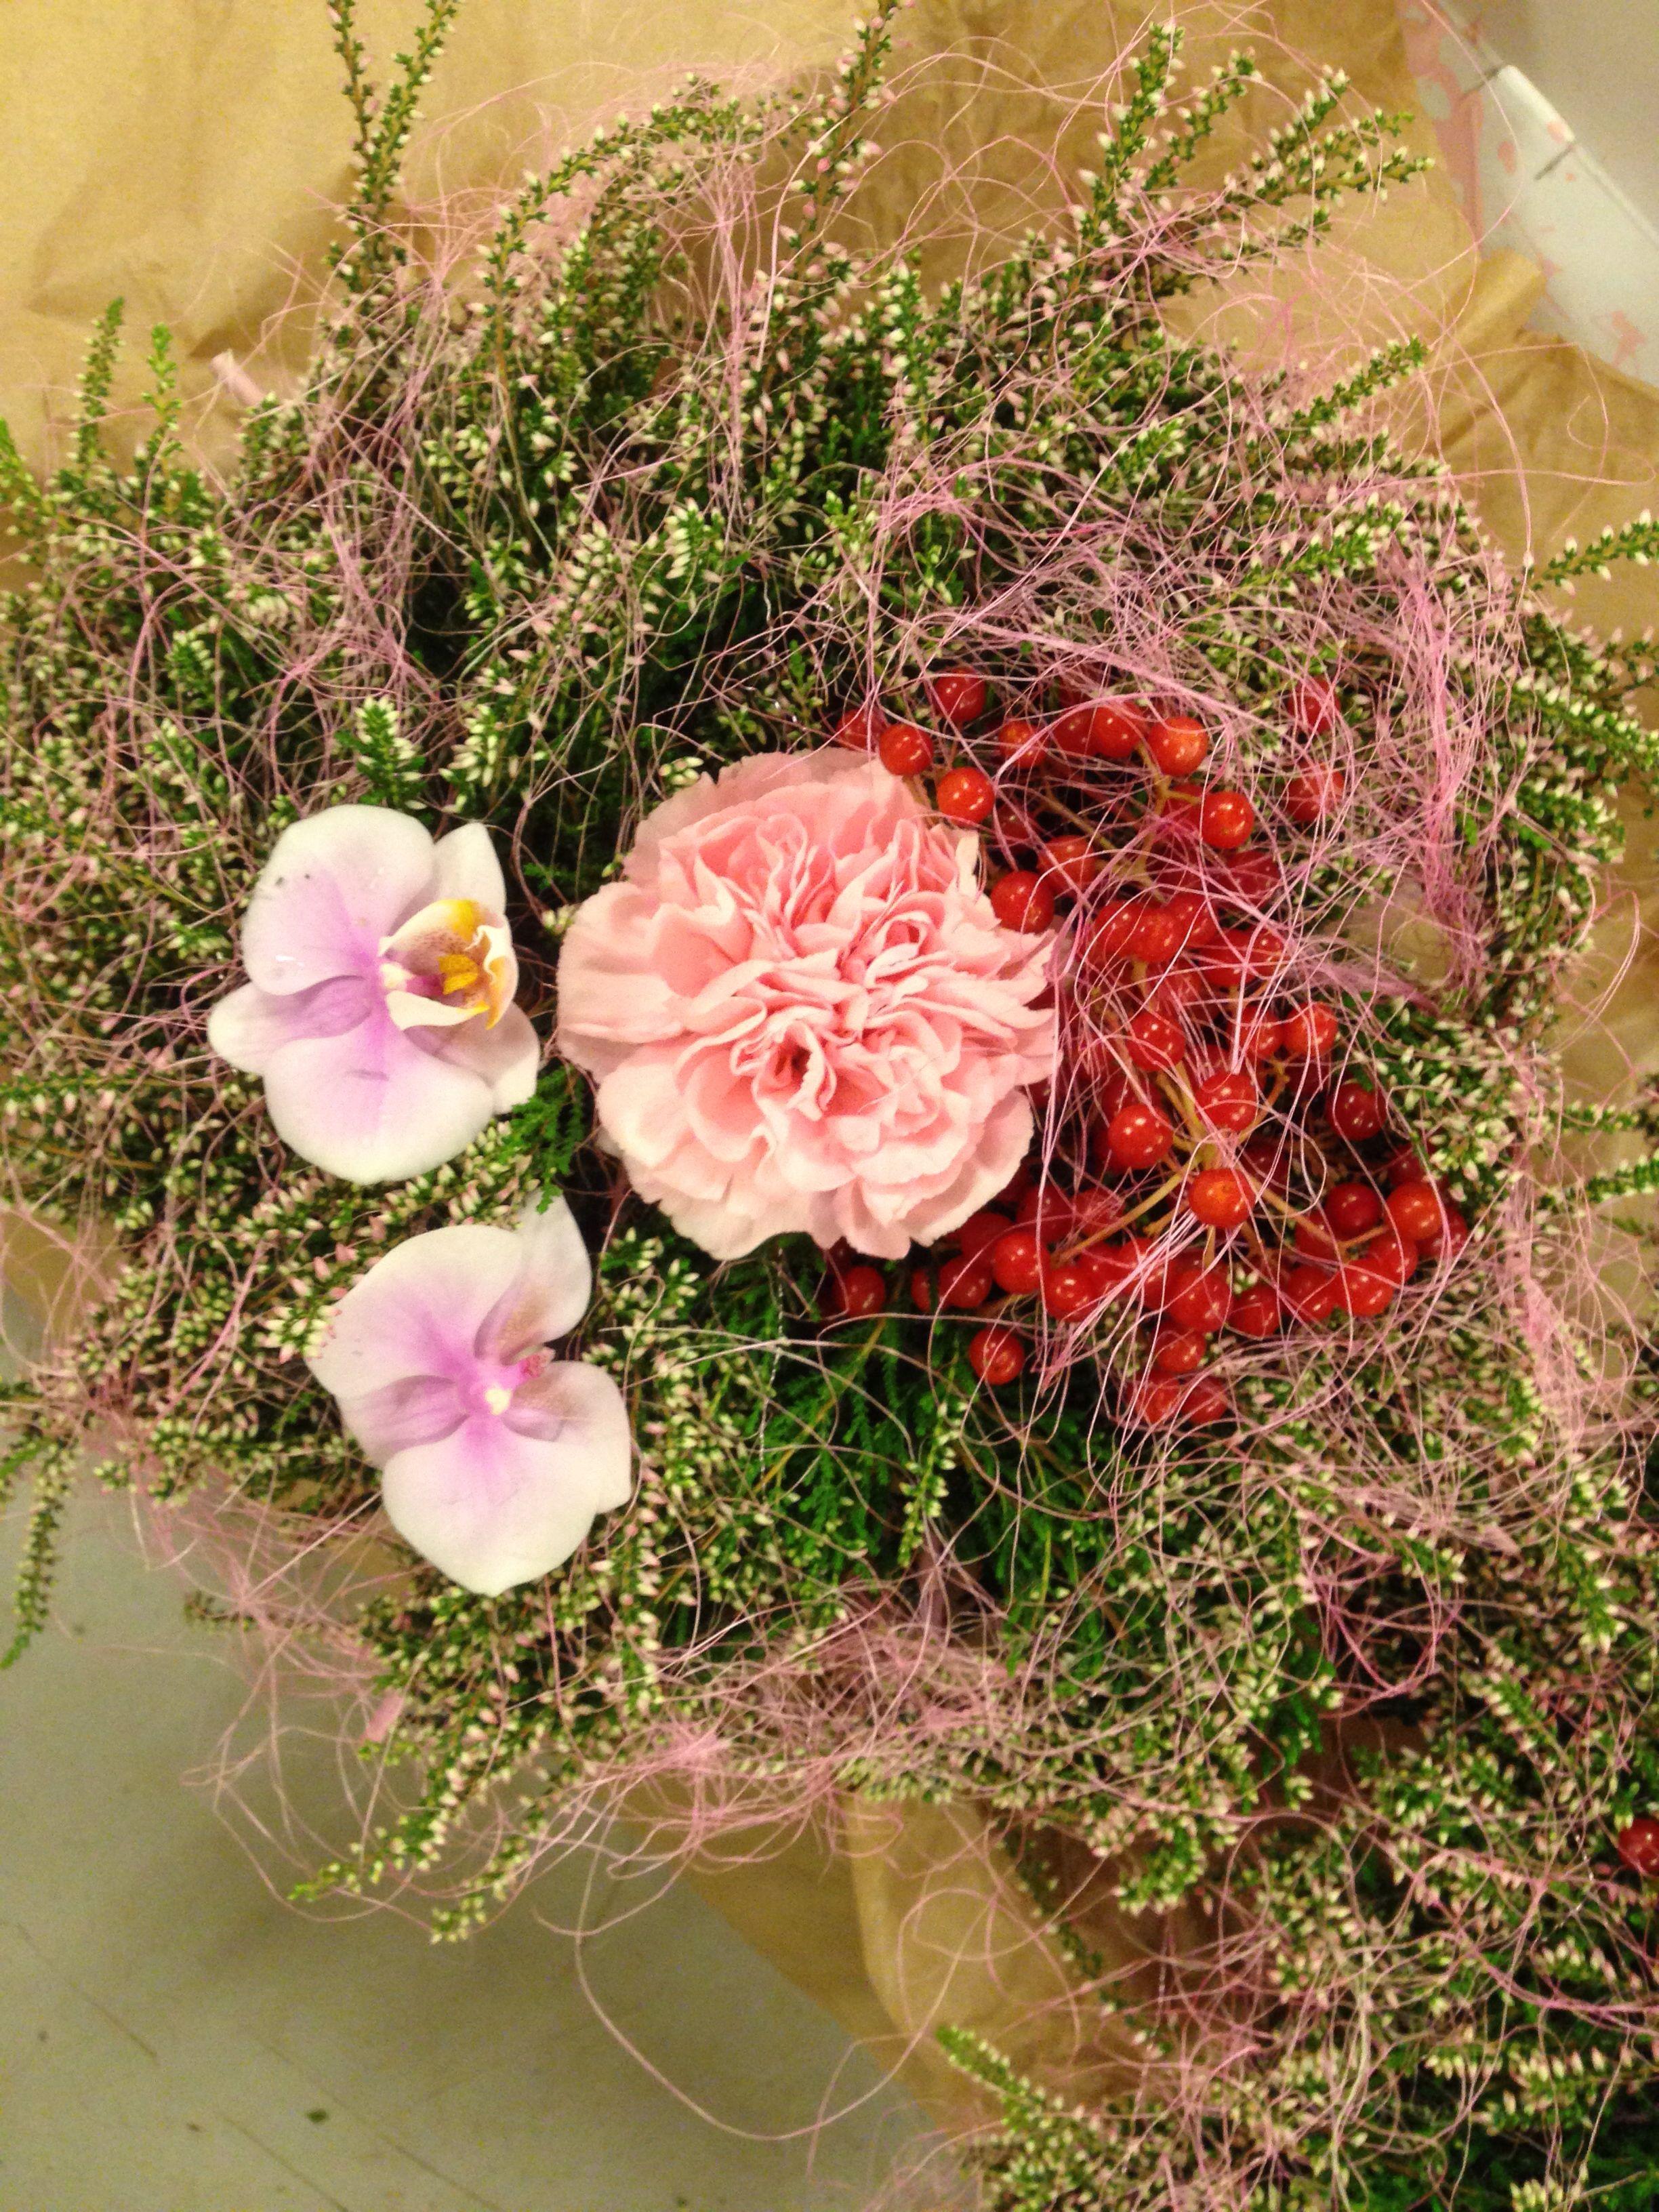 Oppi lyngblomstene stikkes en nellik, 2 orkideer og bunter av bær. Rundt legges et tynt lag av rosa ull.